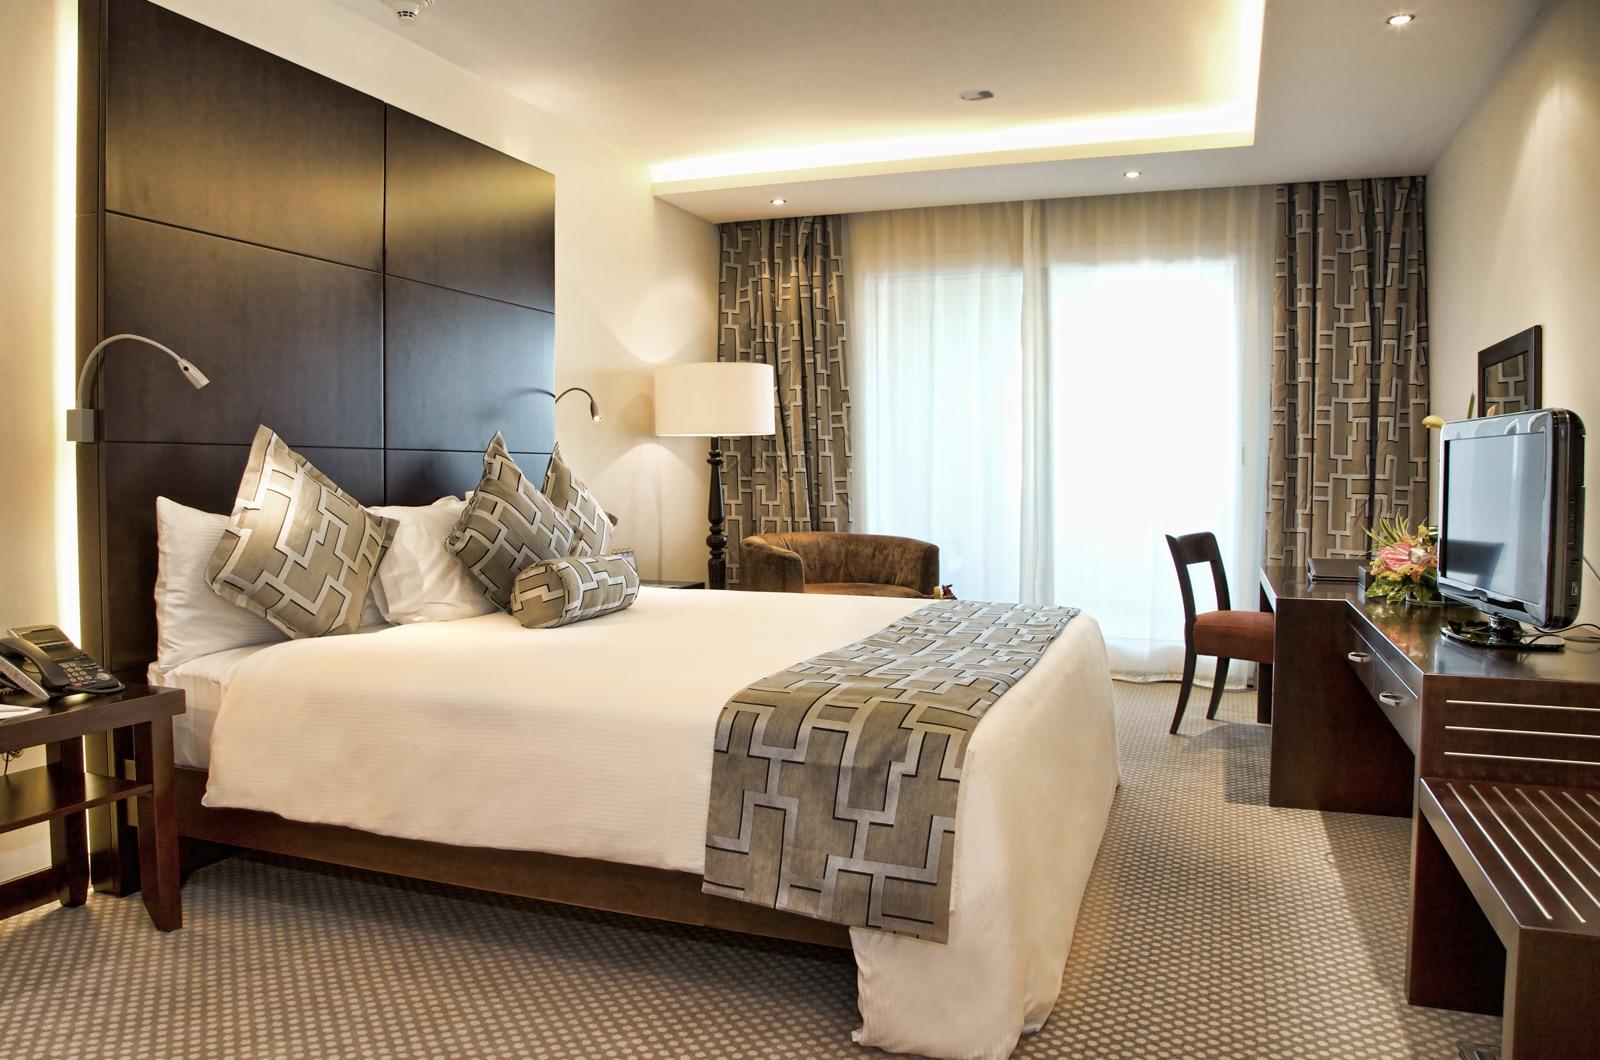 Bedroom Hotel Suites Santa Barbara